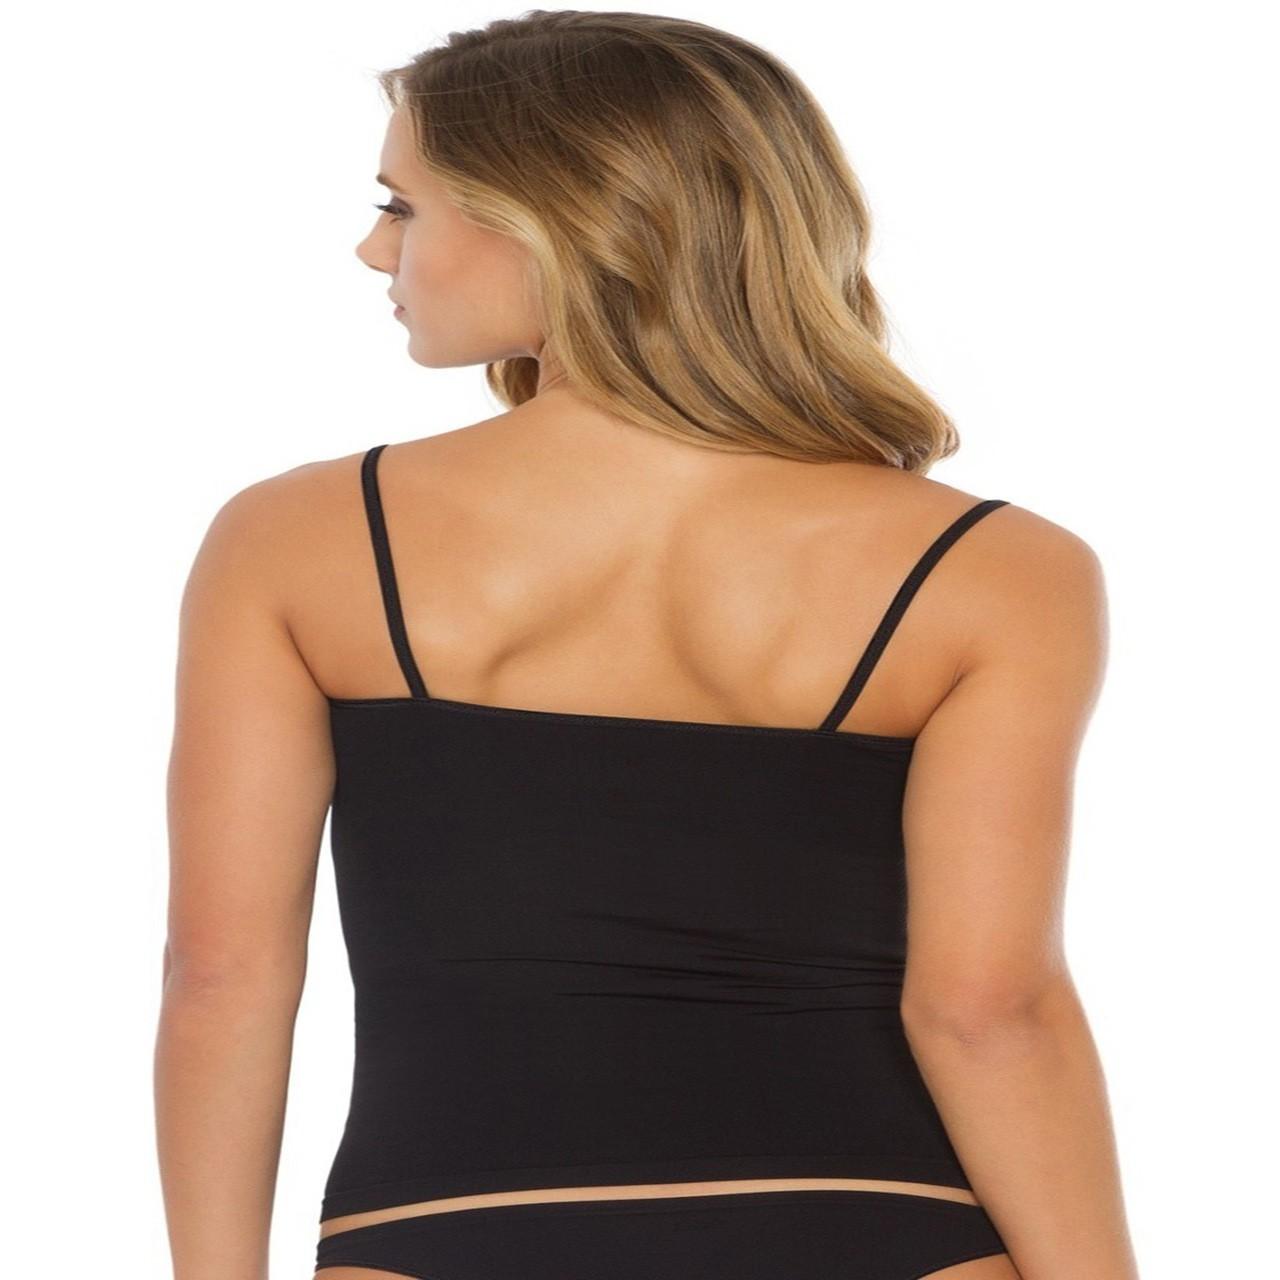 Blusa alcinha segunda pele s/costura não marca na roupa